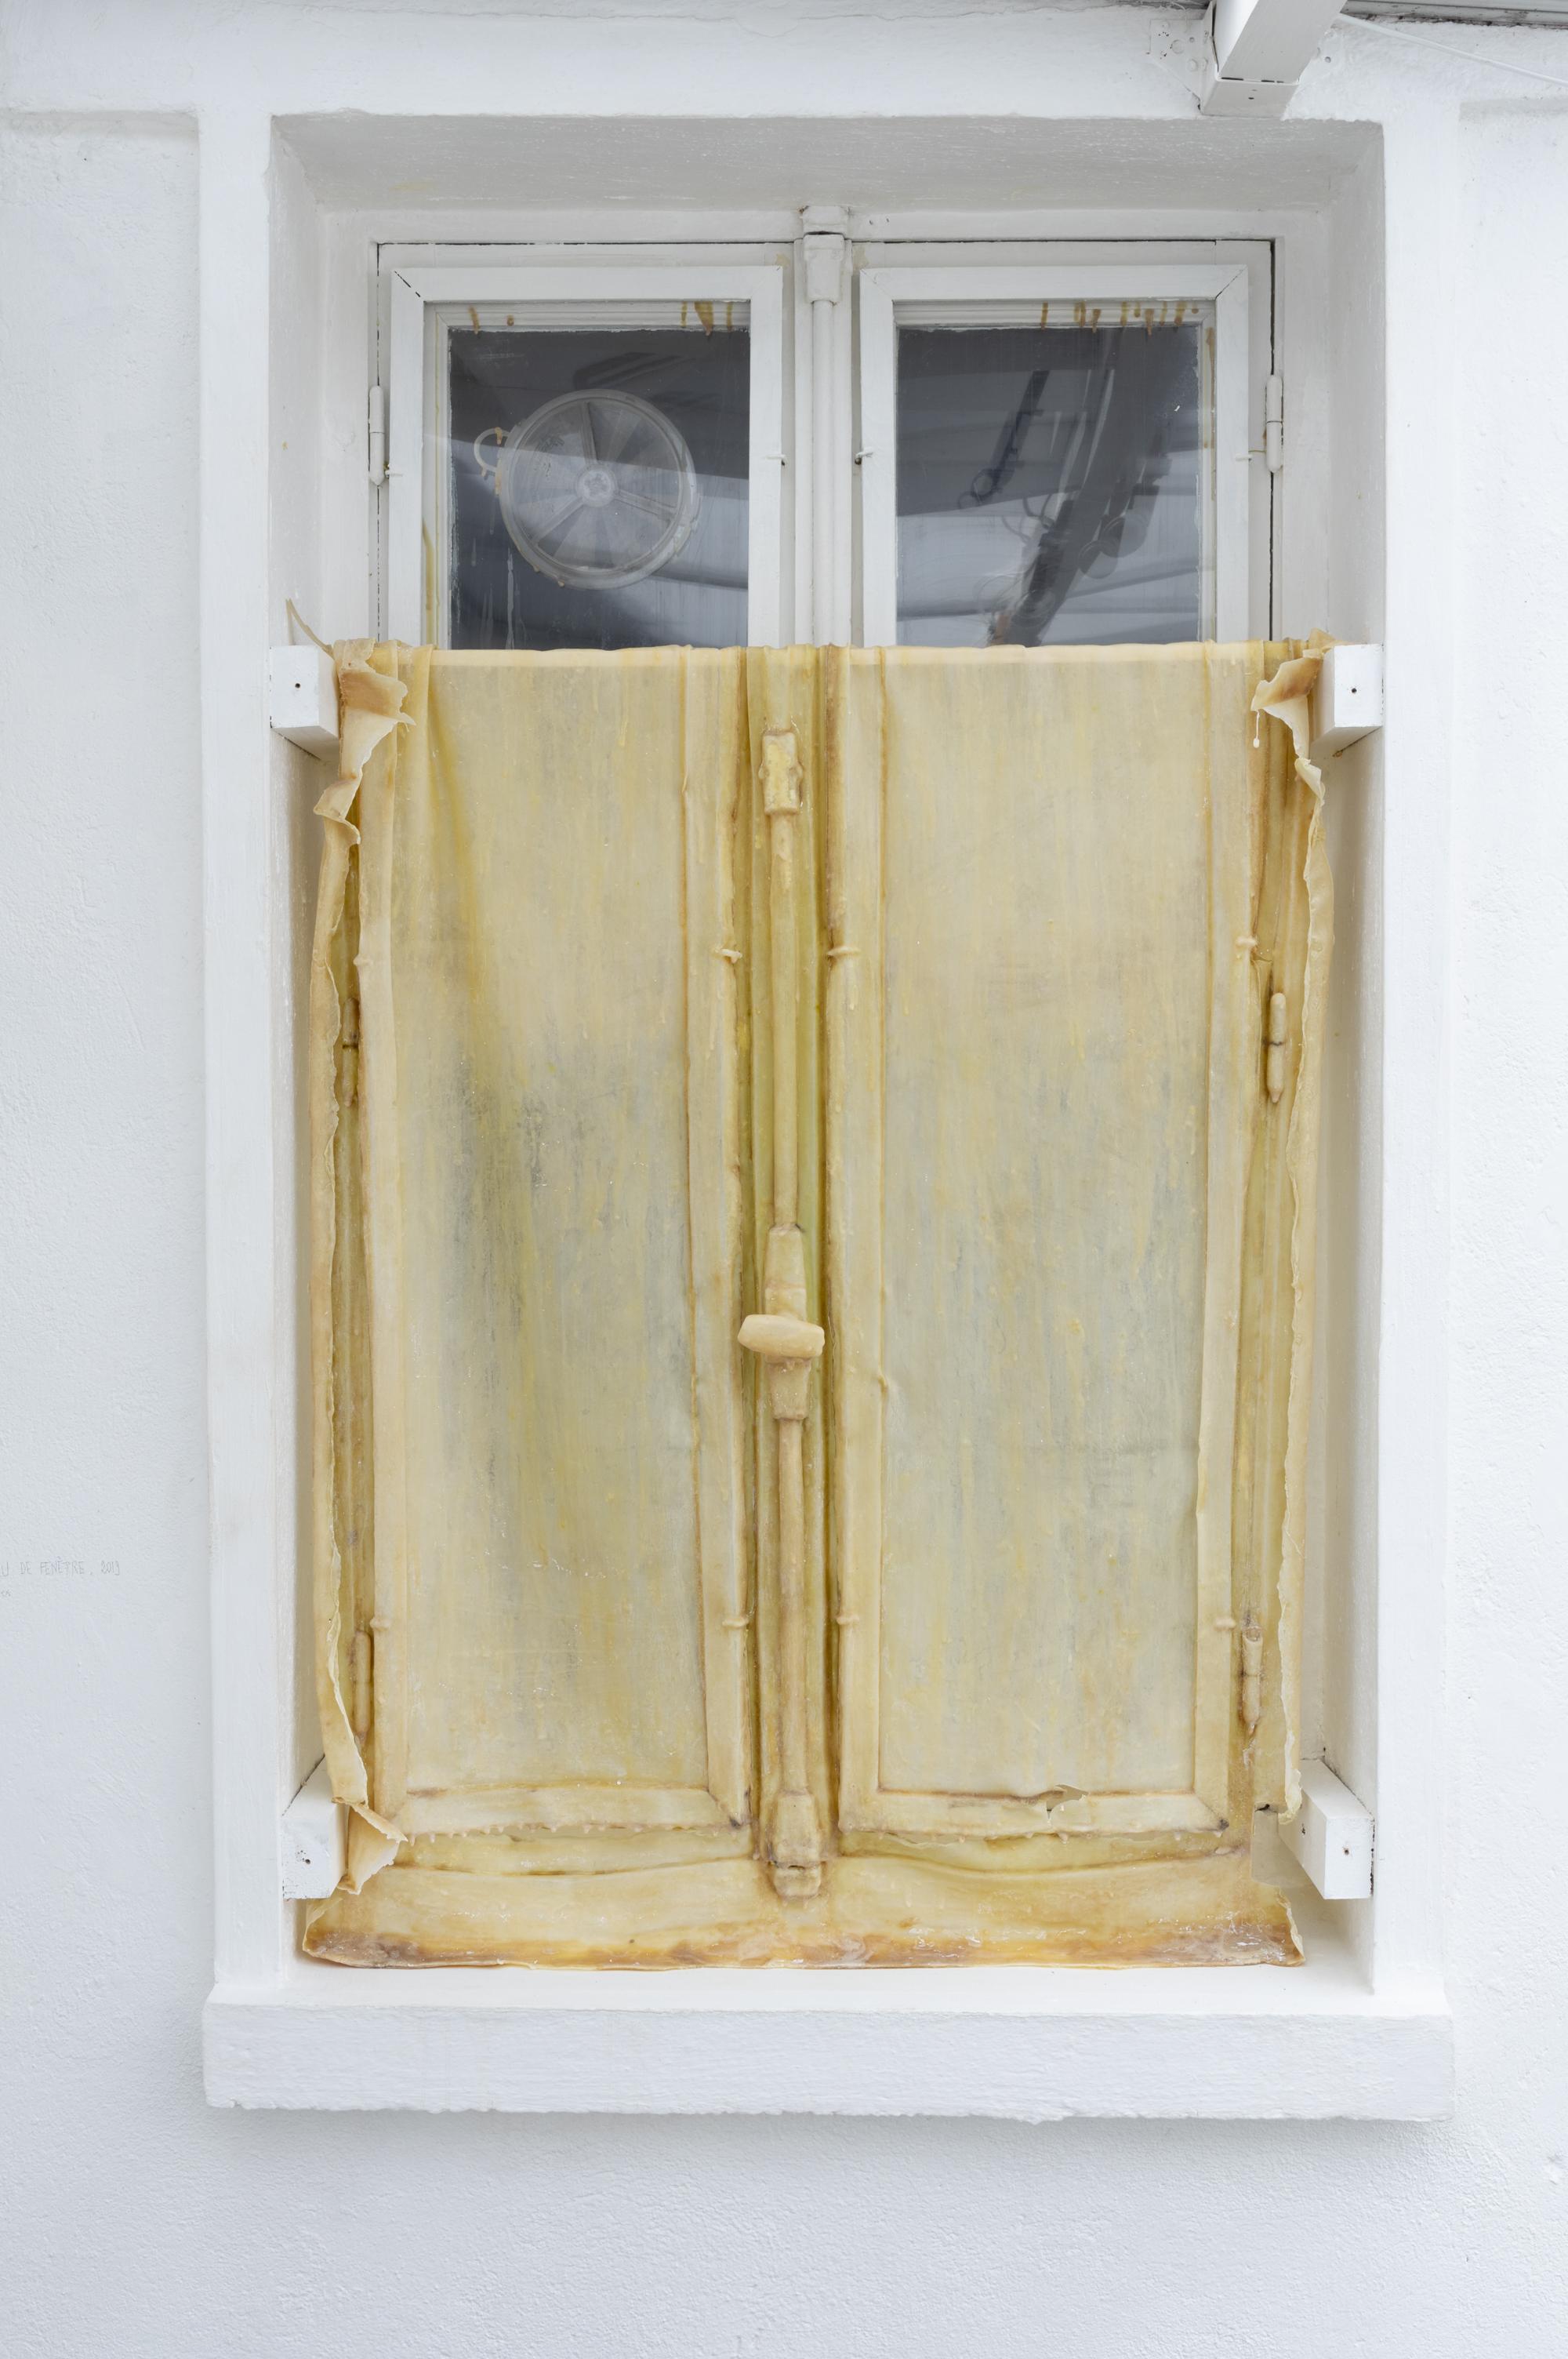 Peau de fenêtre III, 2019